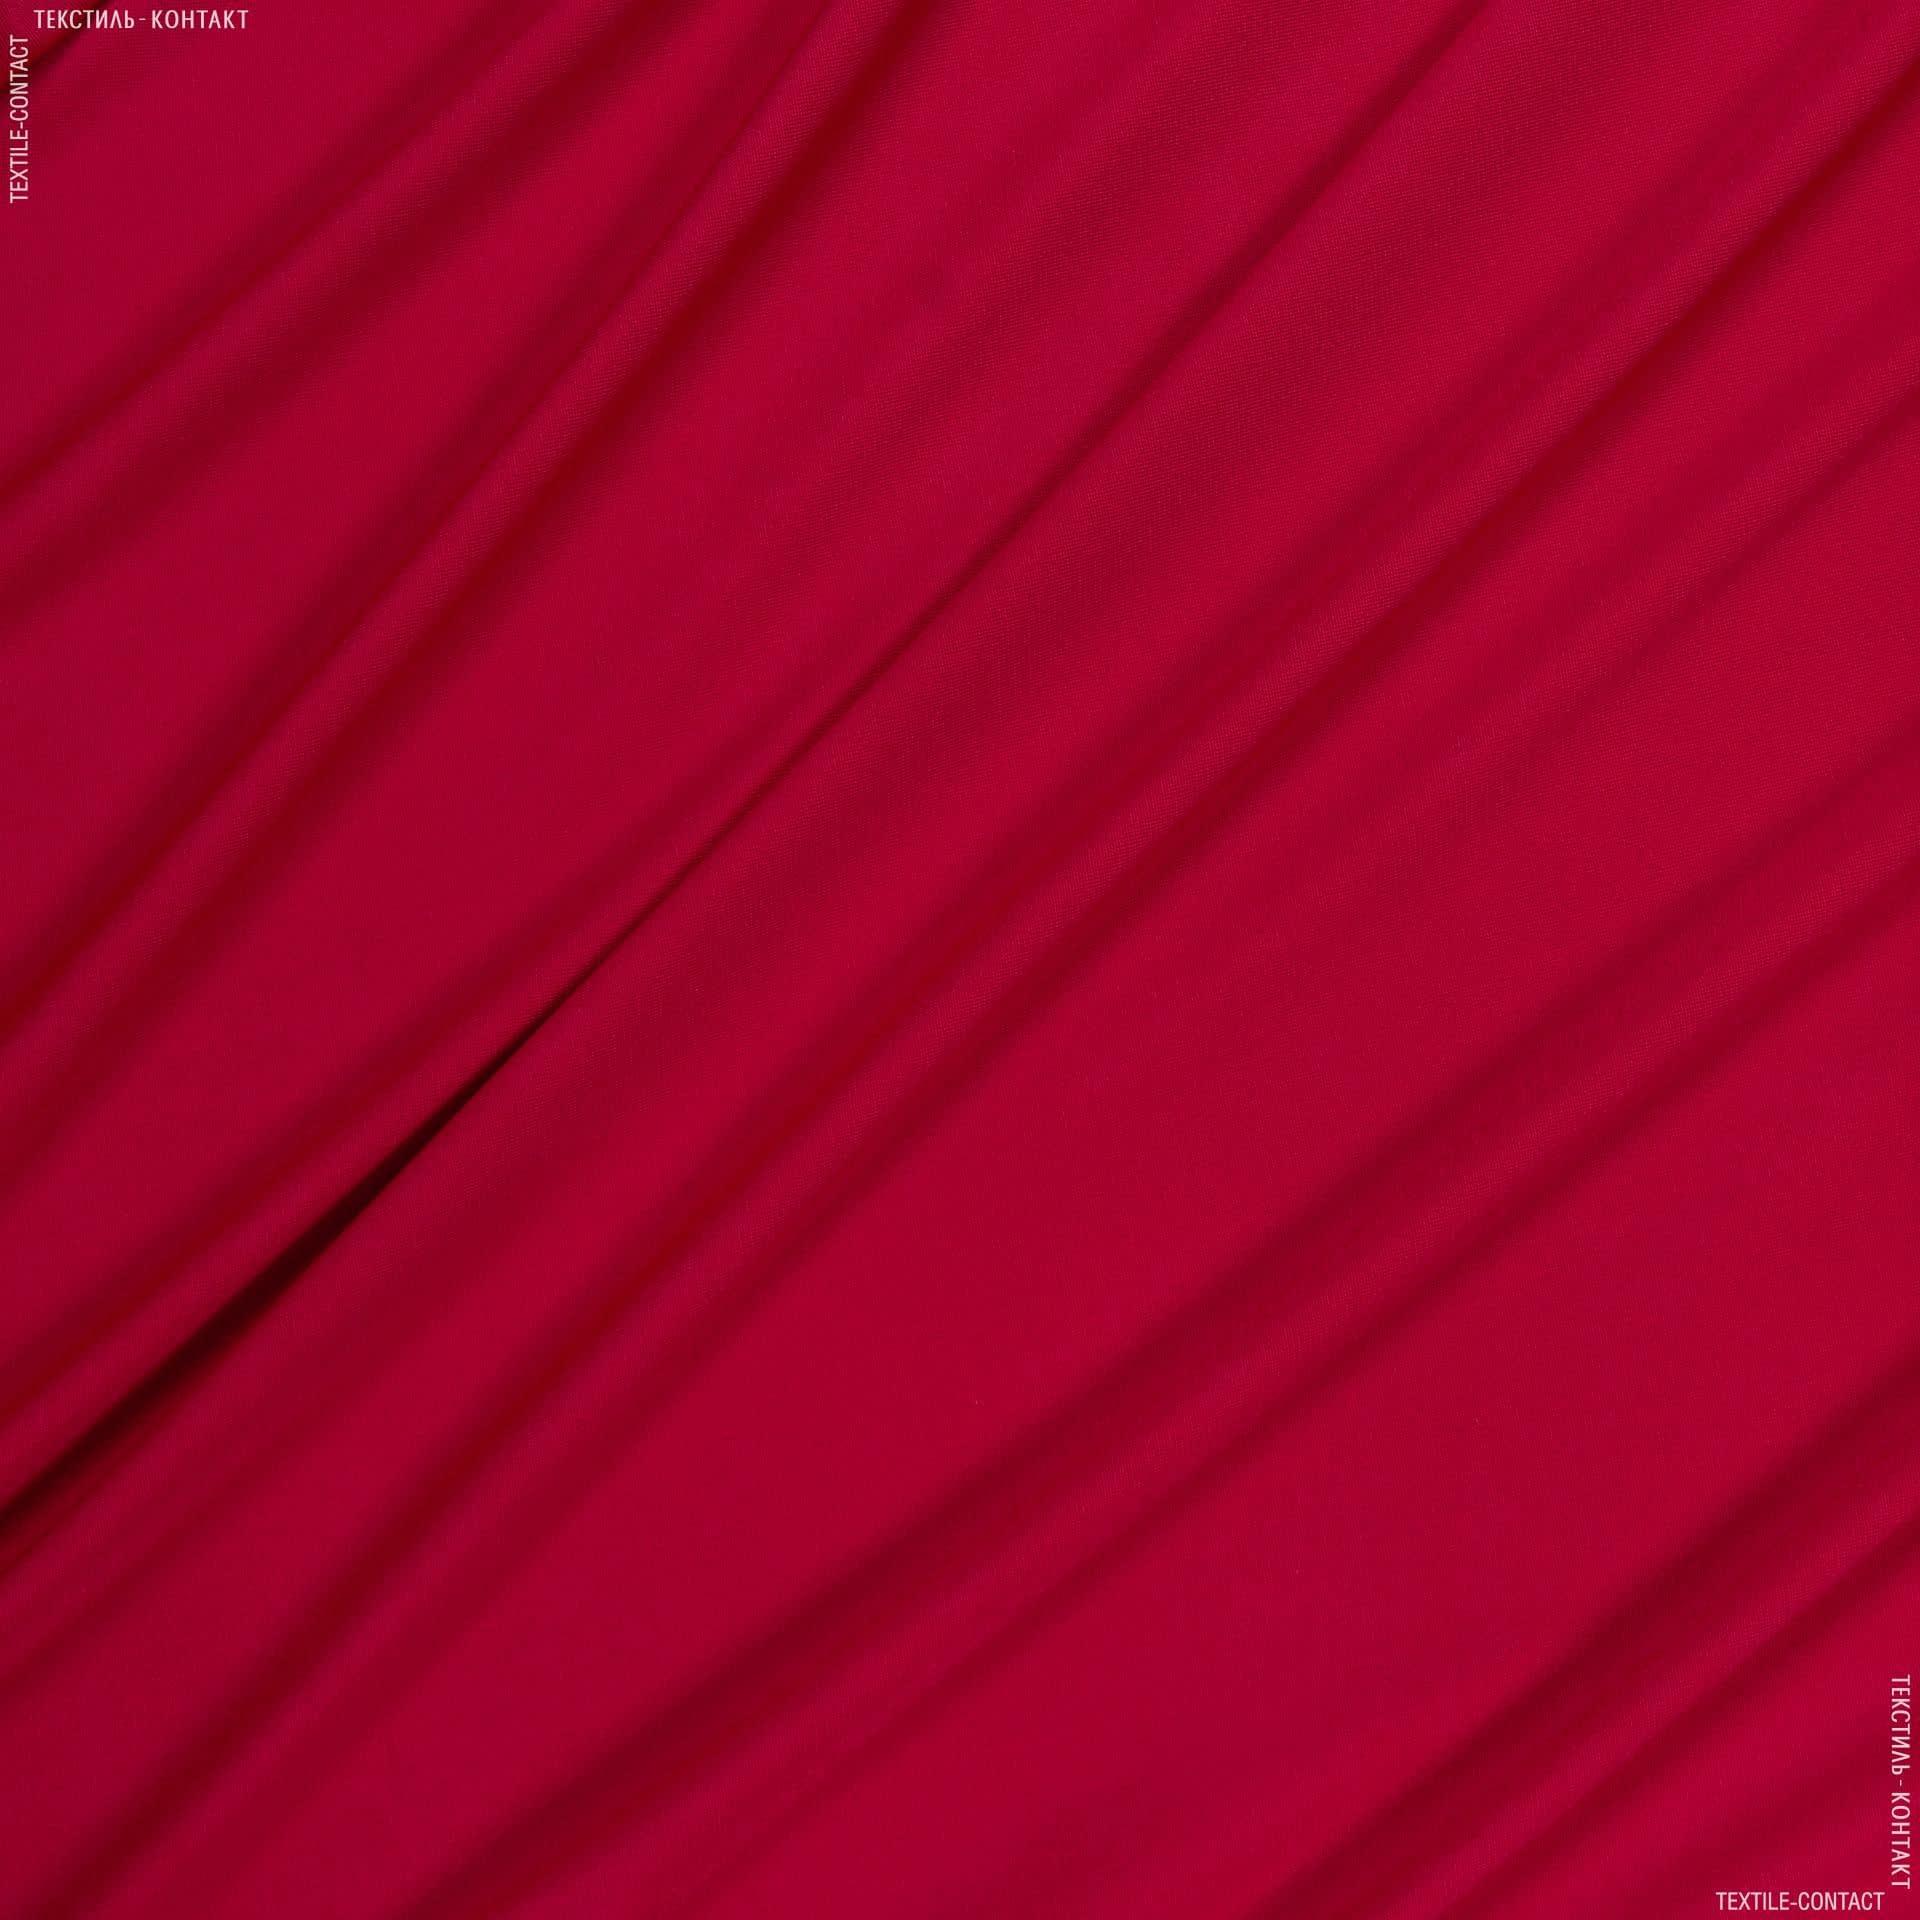 Тканини для суконь - Трикотаж масло червоний